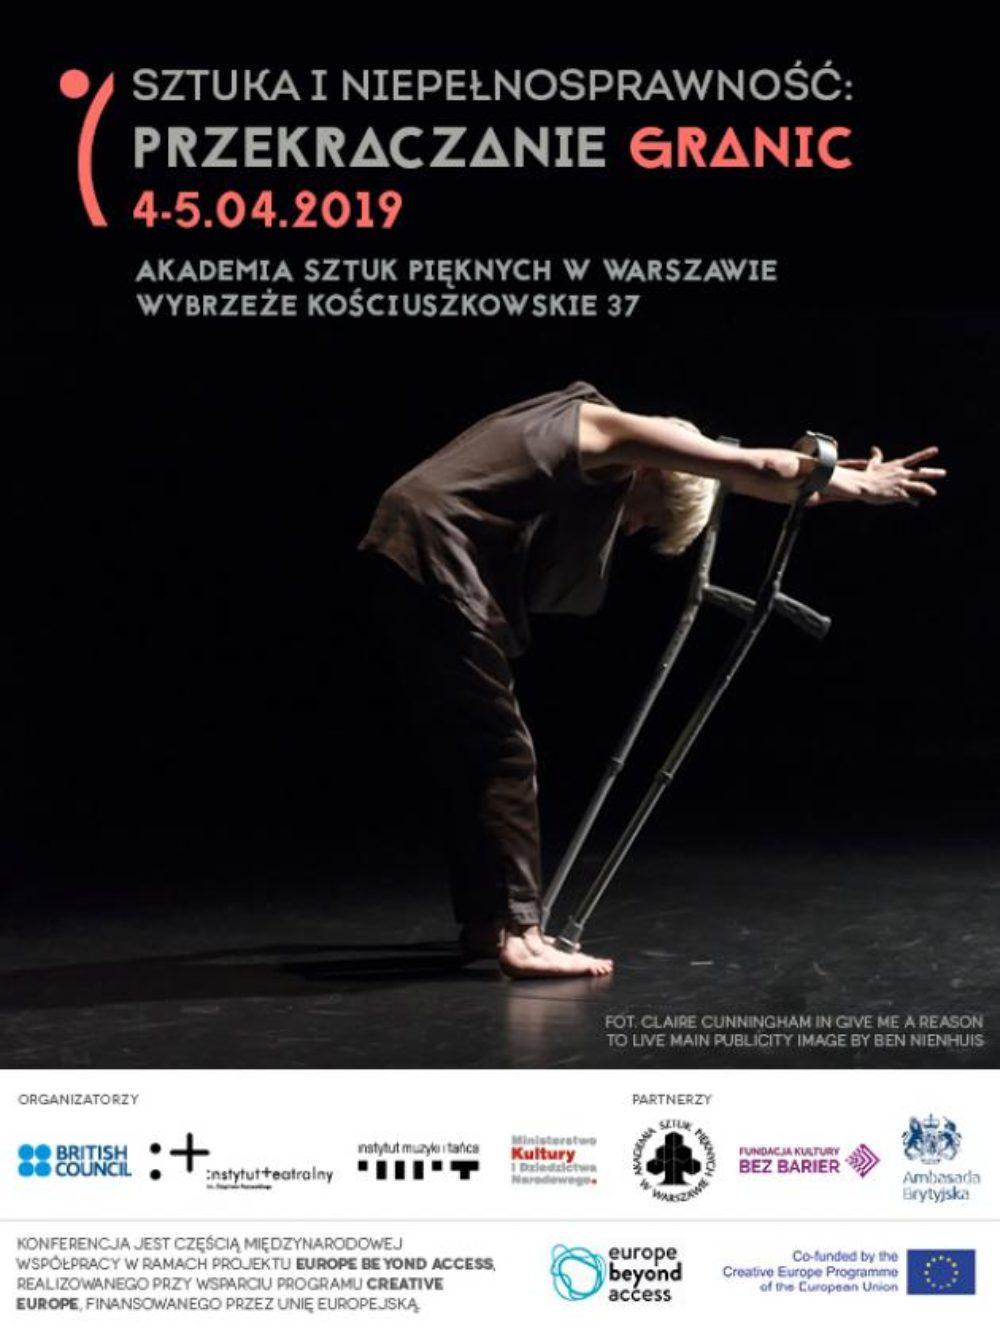 """Konferencja """"Sztuka i niepełnosprawność: przekraczanie granic"""" w ramach projektu """"Europe Beyond Access"""""""